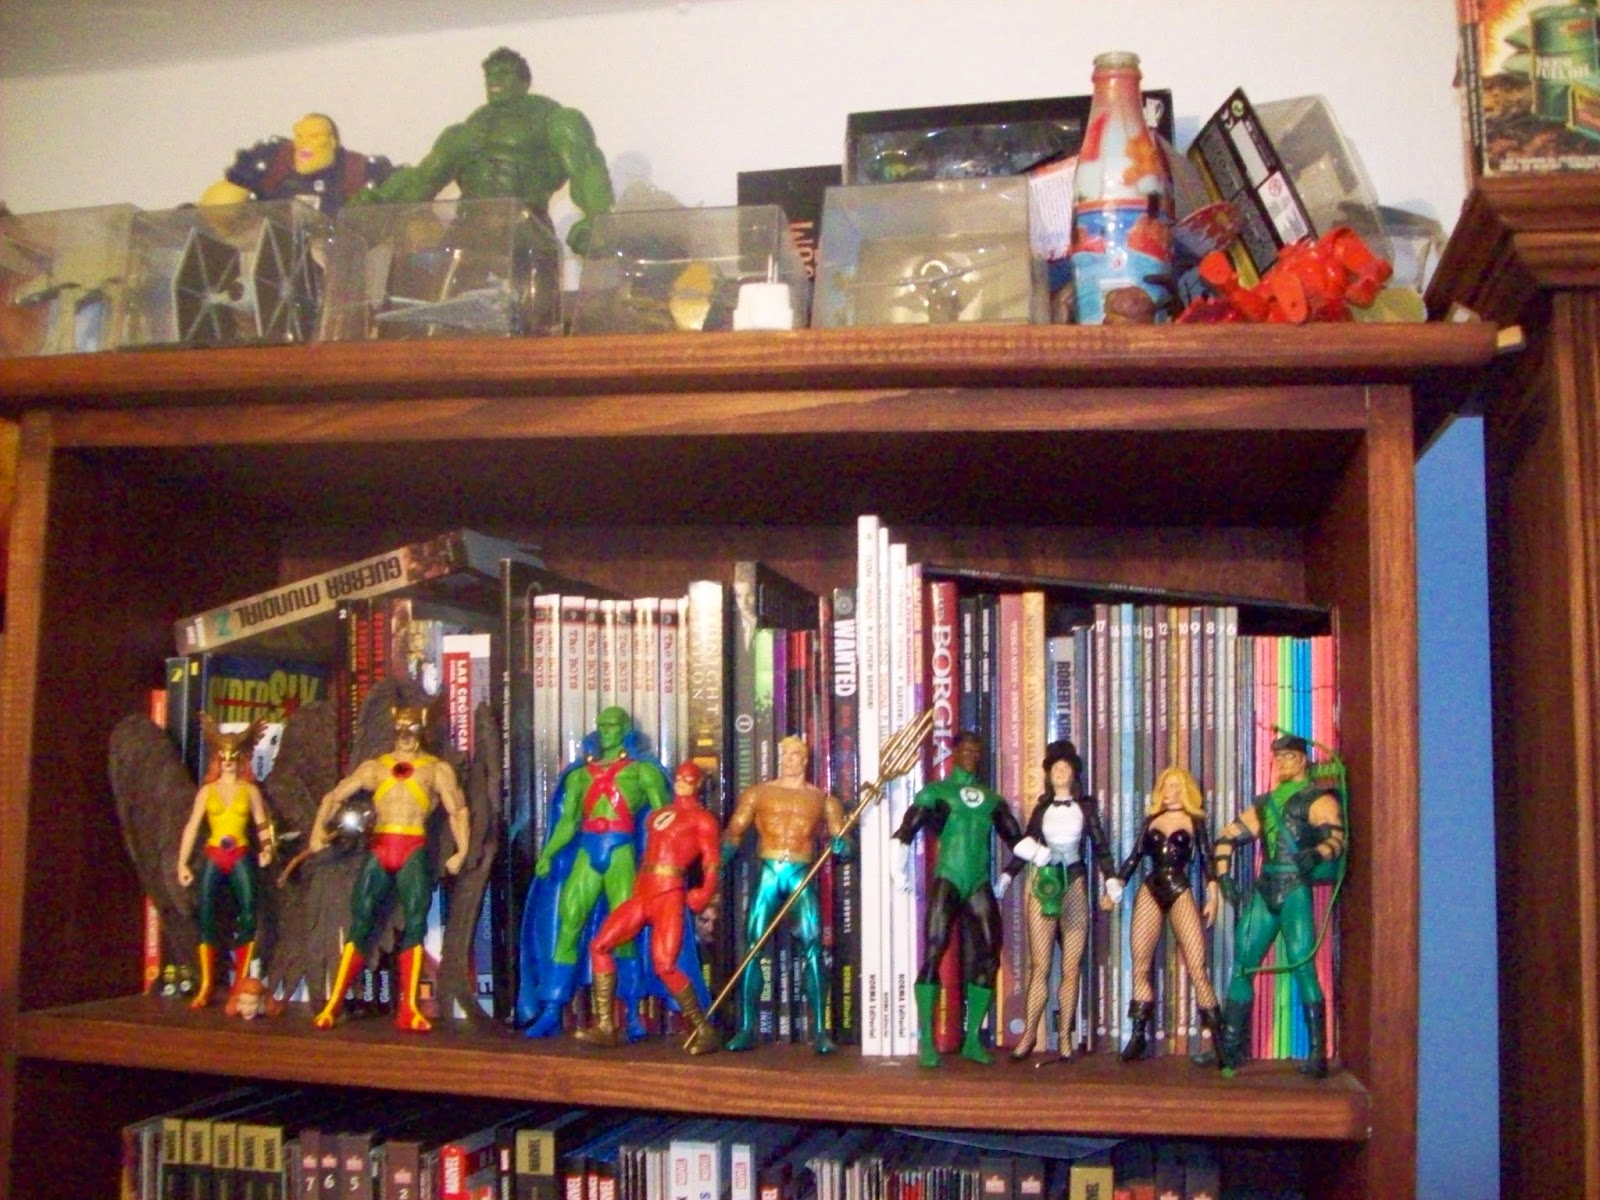 [COMICS] Colecciones de Comics ¿Quién la tiene más grande?  - Página 6 100_5472